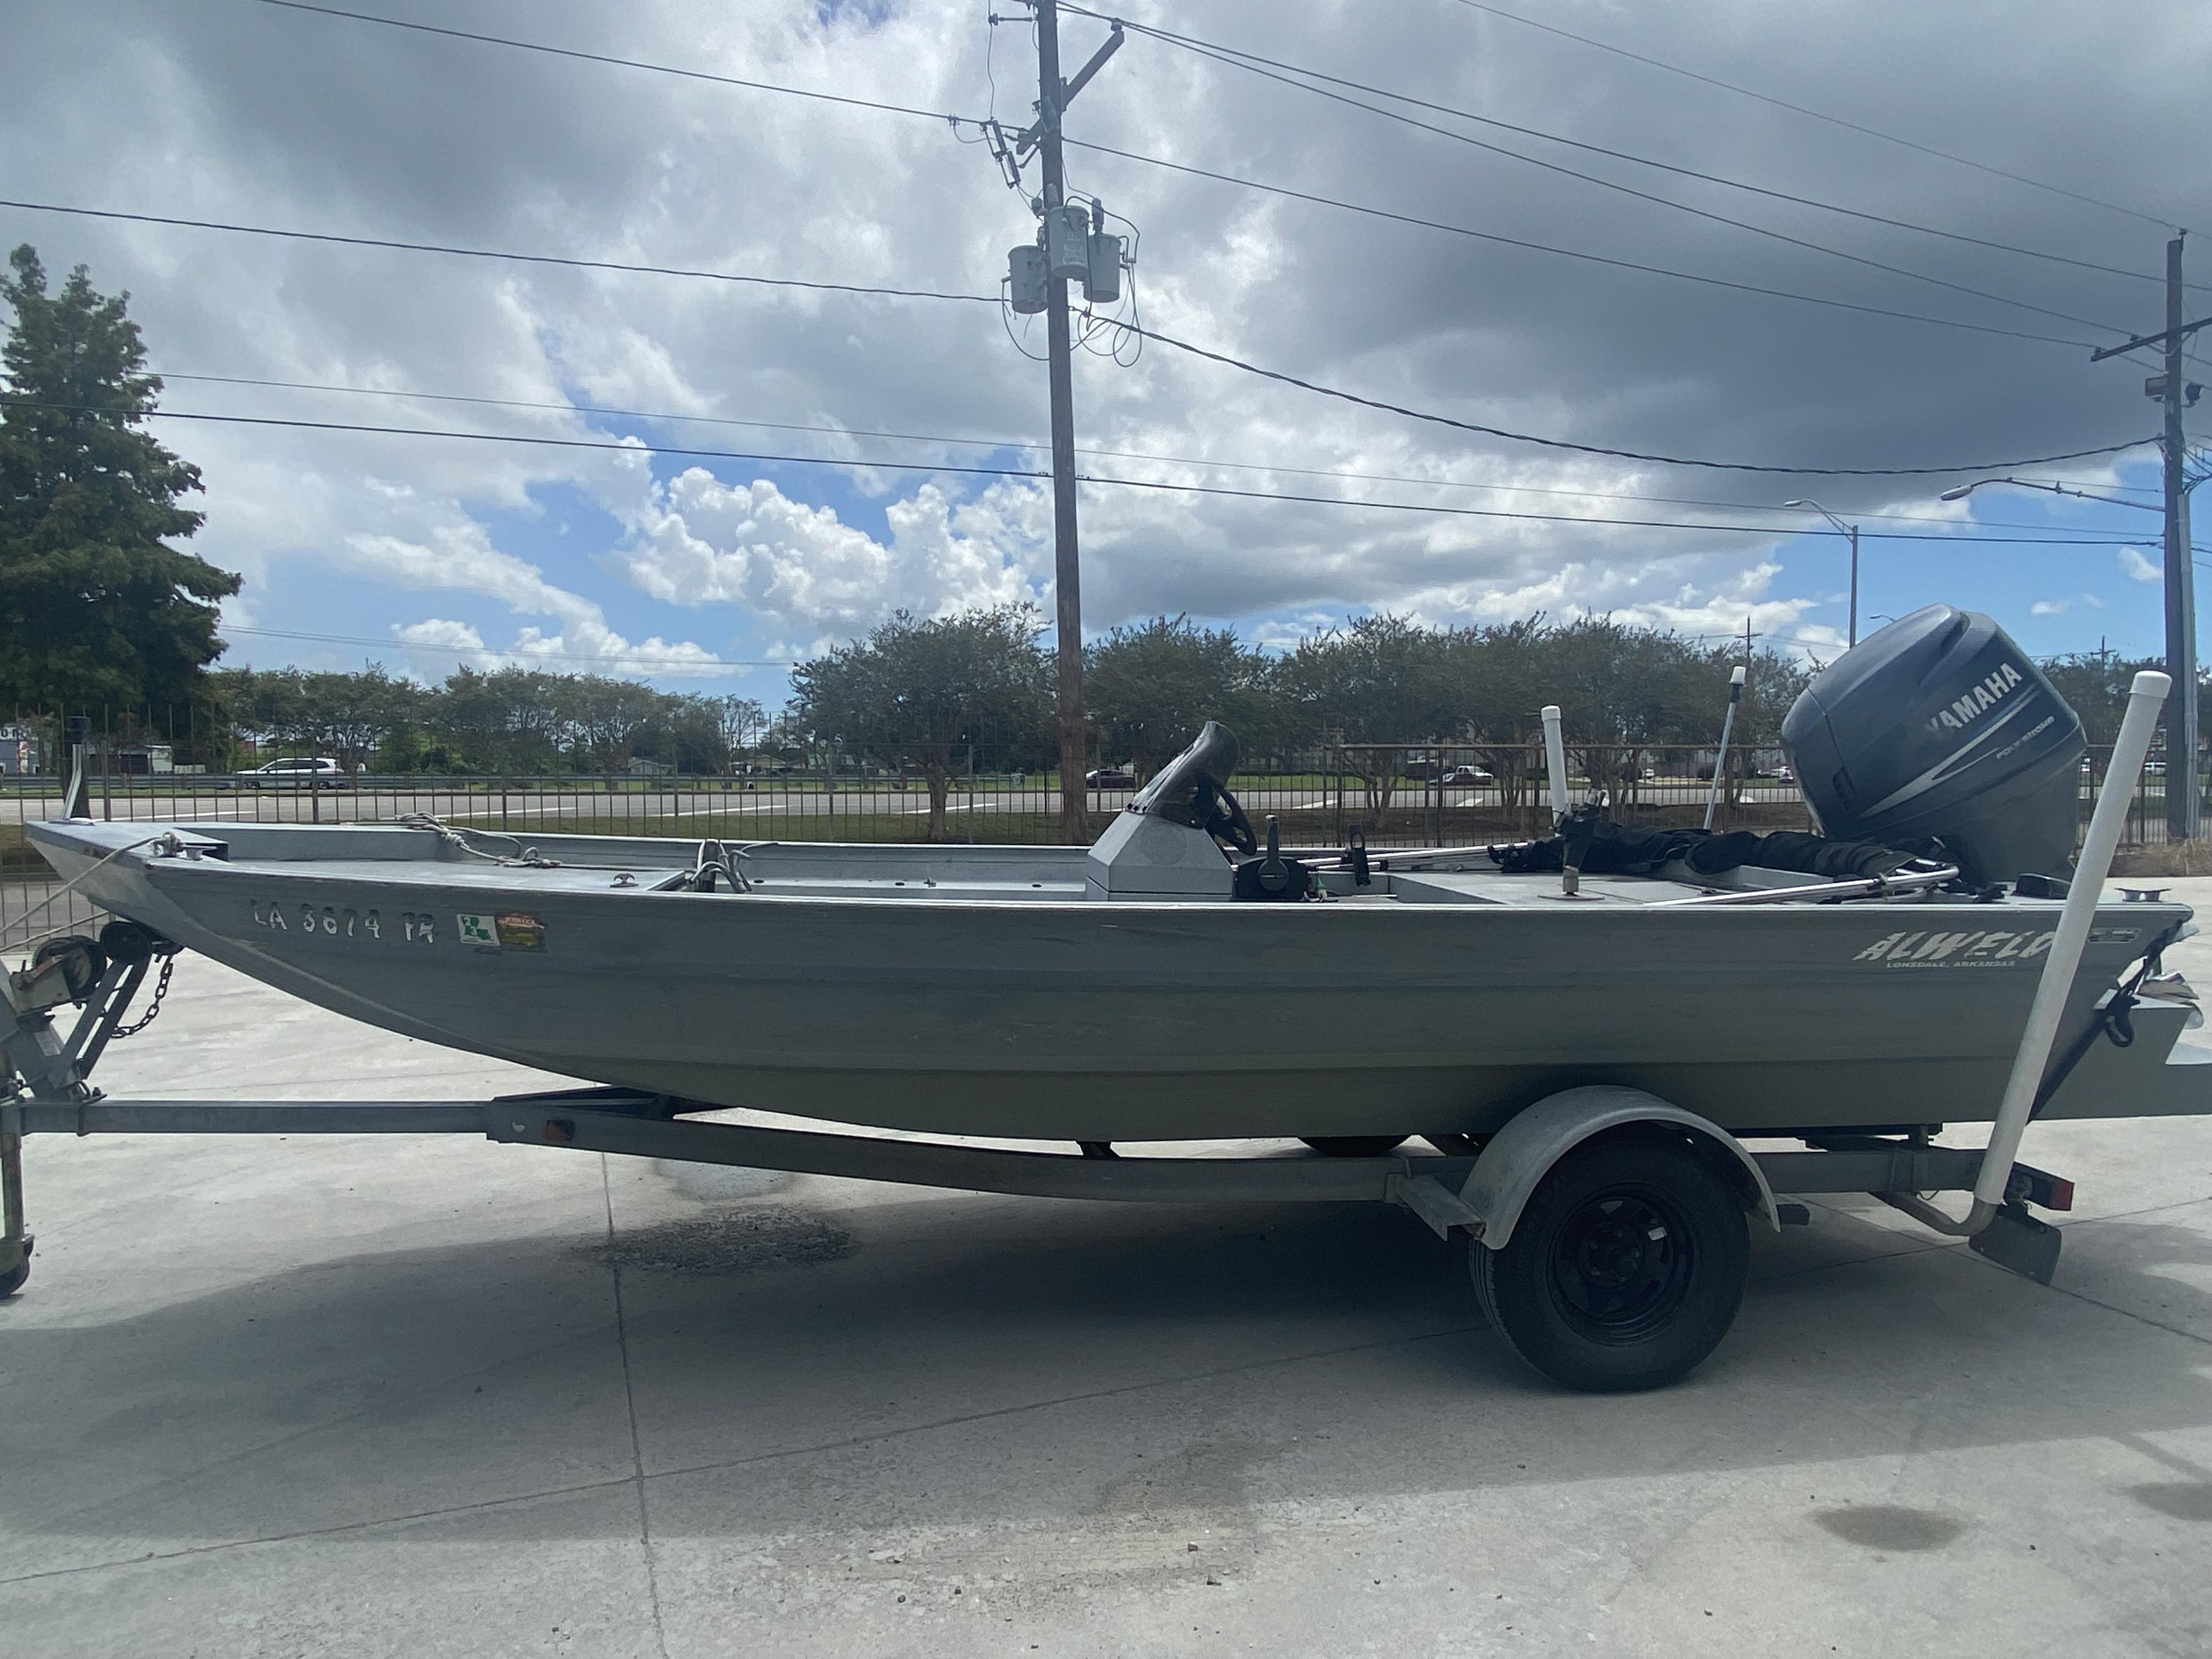 New  2007 Alweld Boats Bass Boat in Marrero, Louisiana